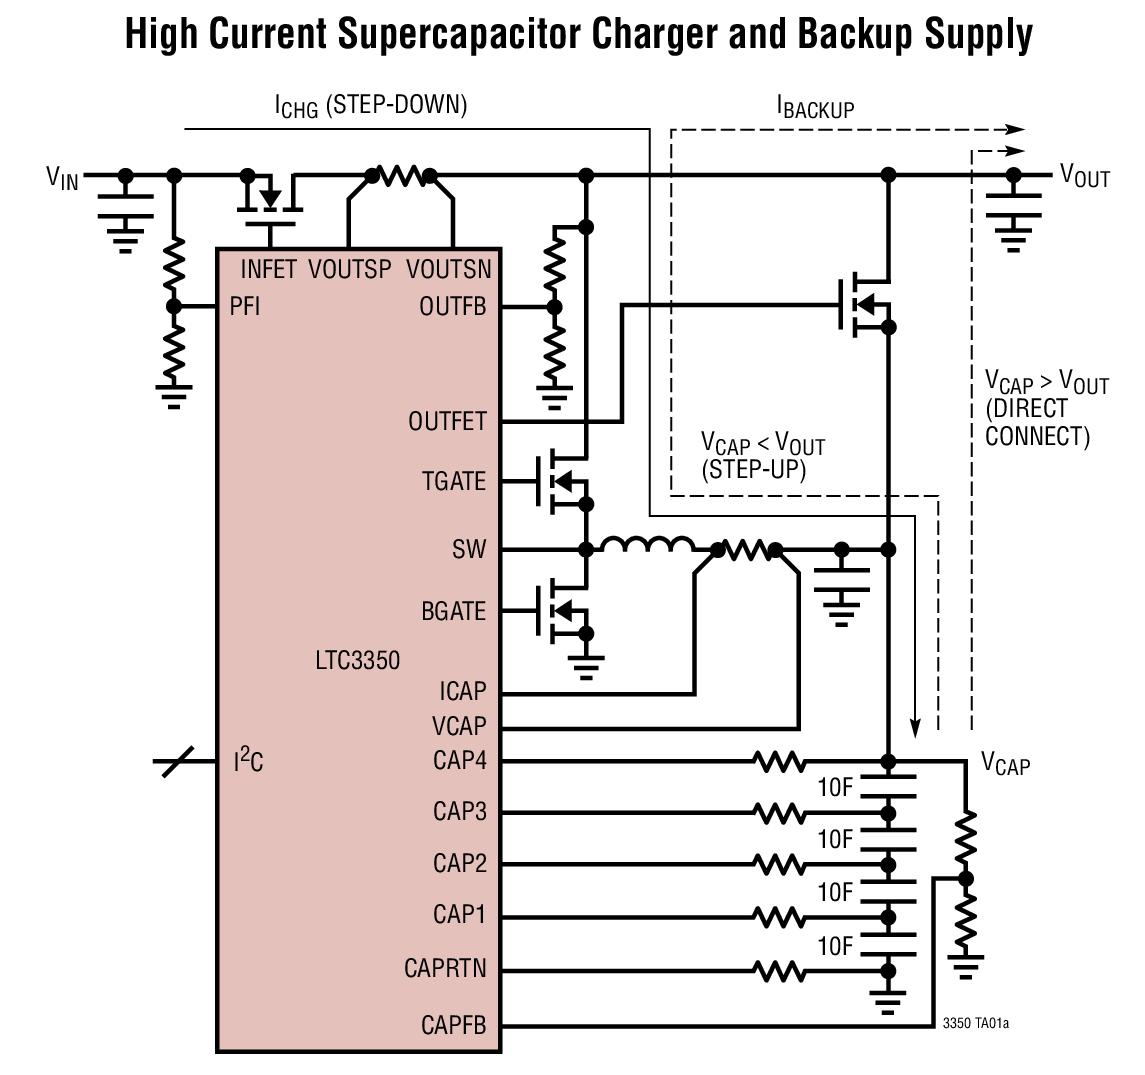 采用超级电容器的备用电源解决方案